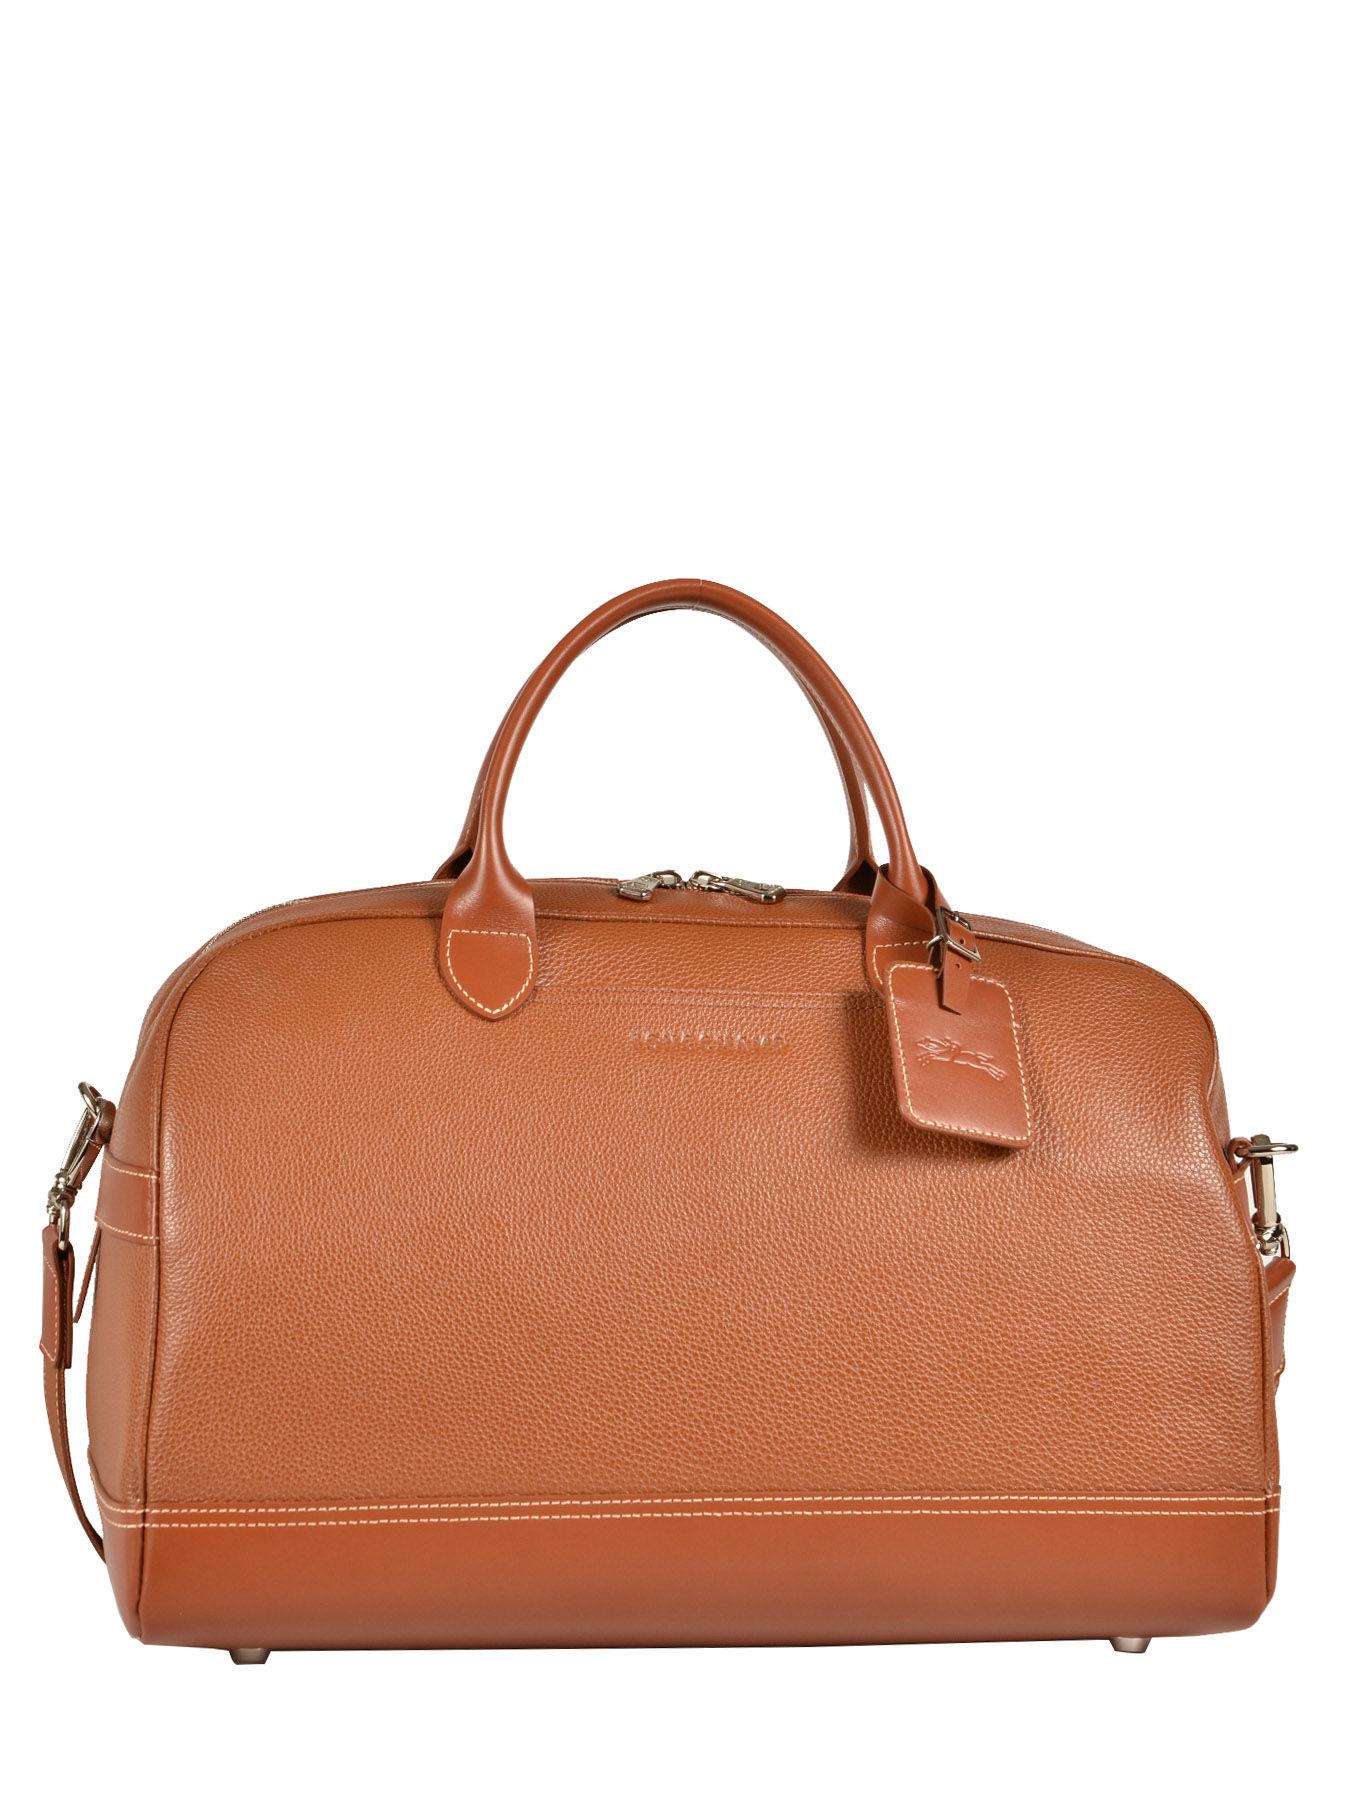 longchamps sac de voyage en cuir